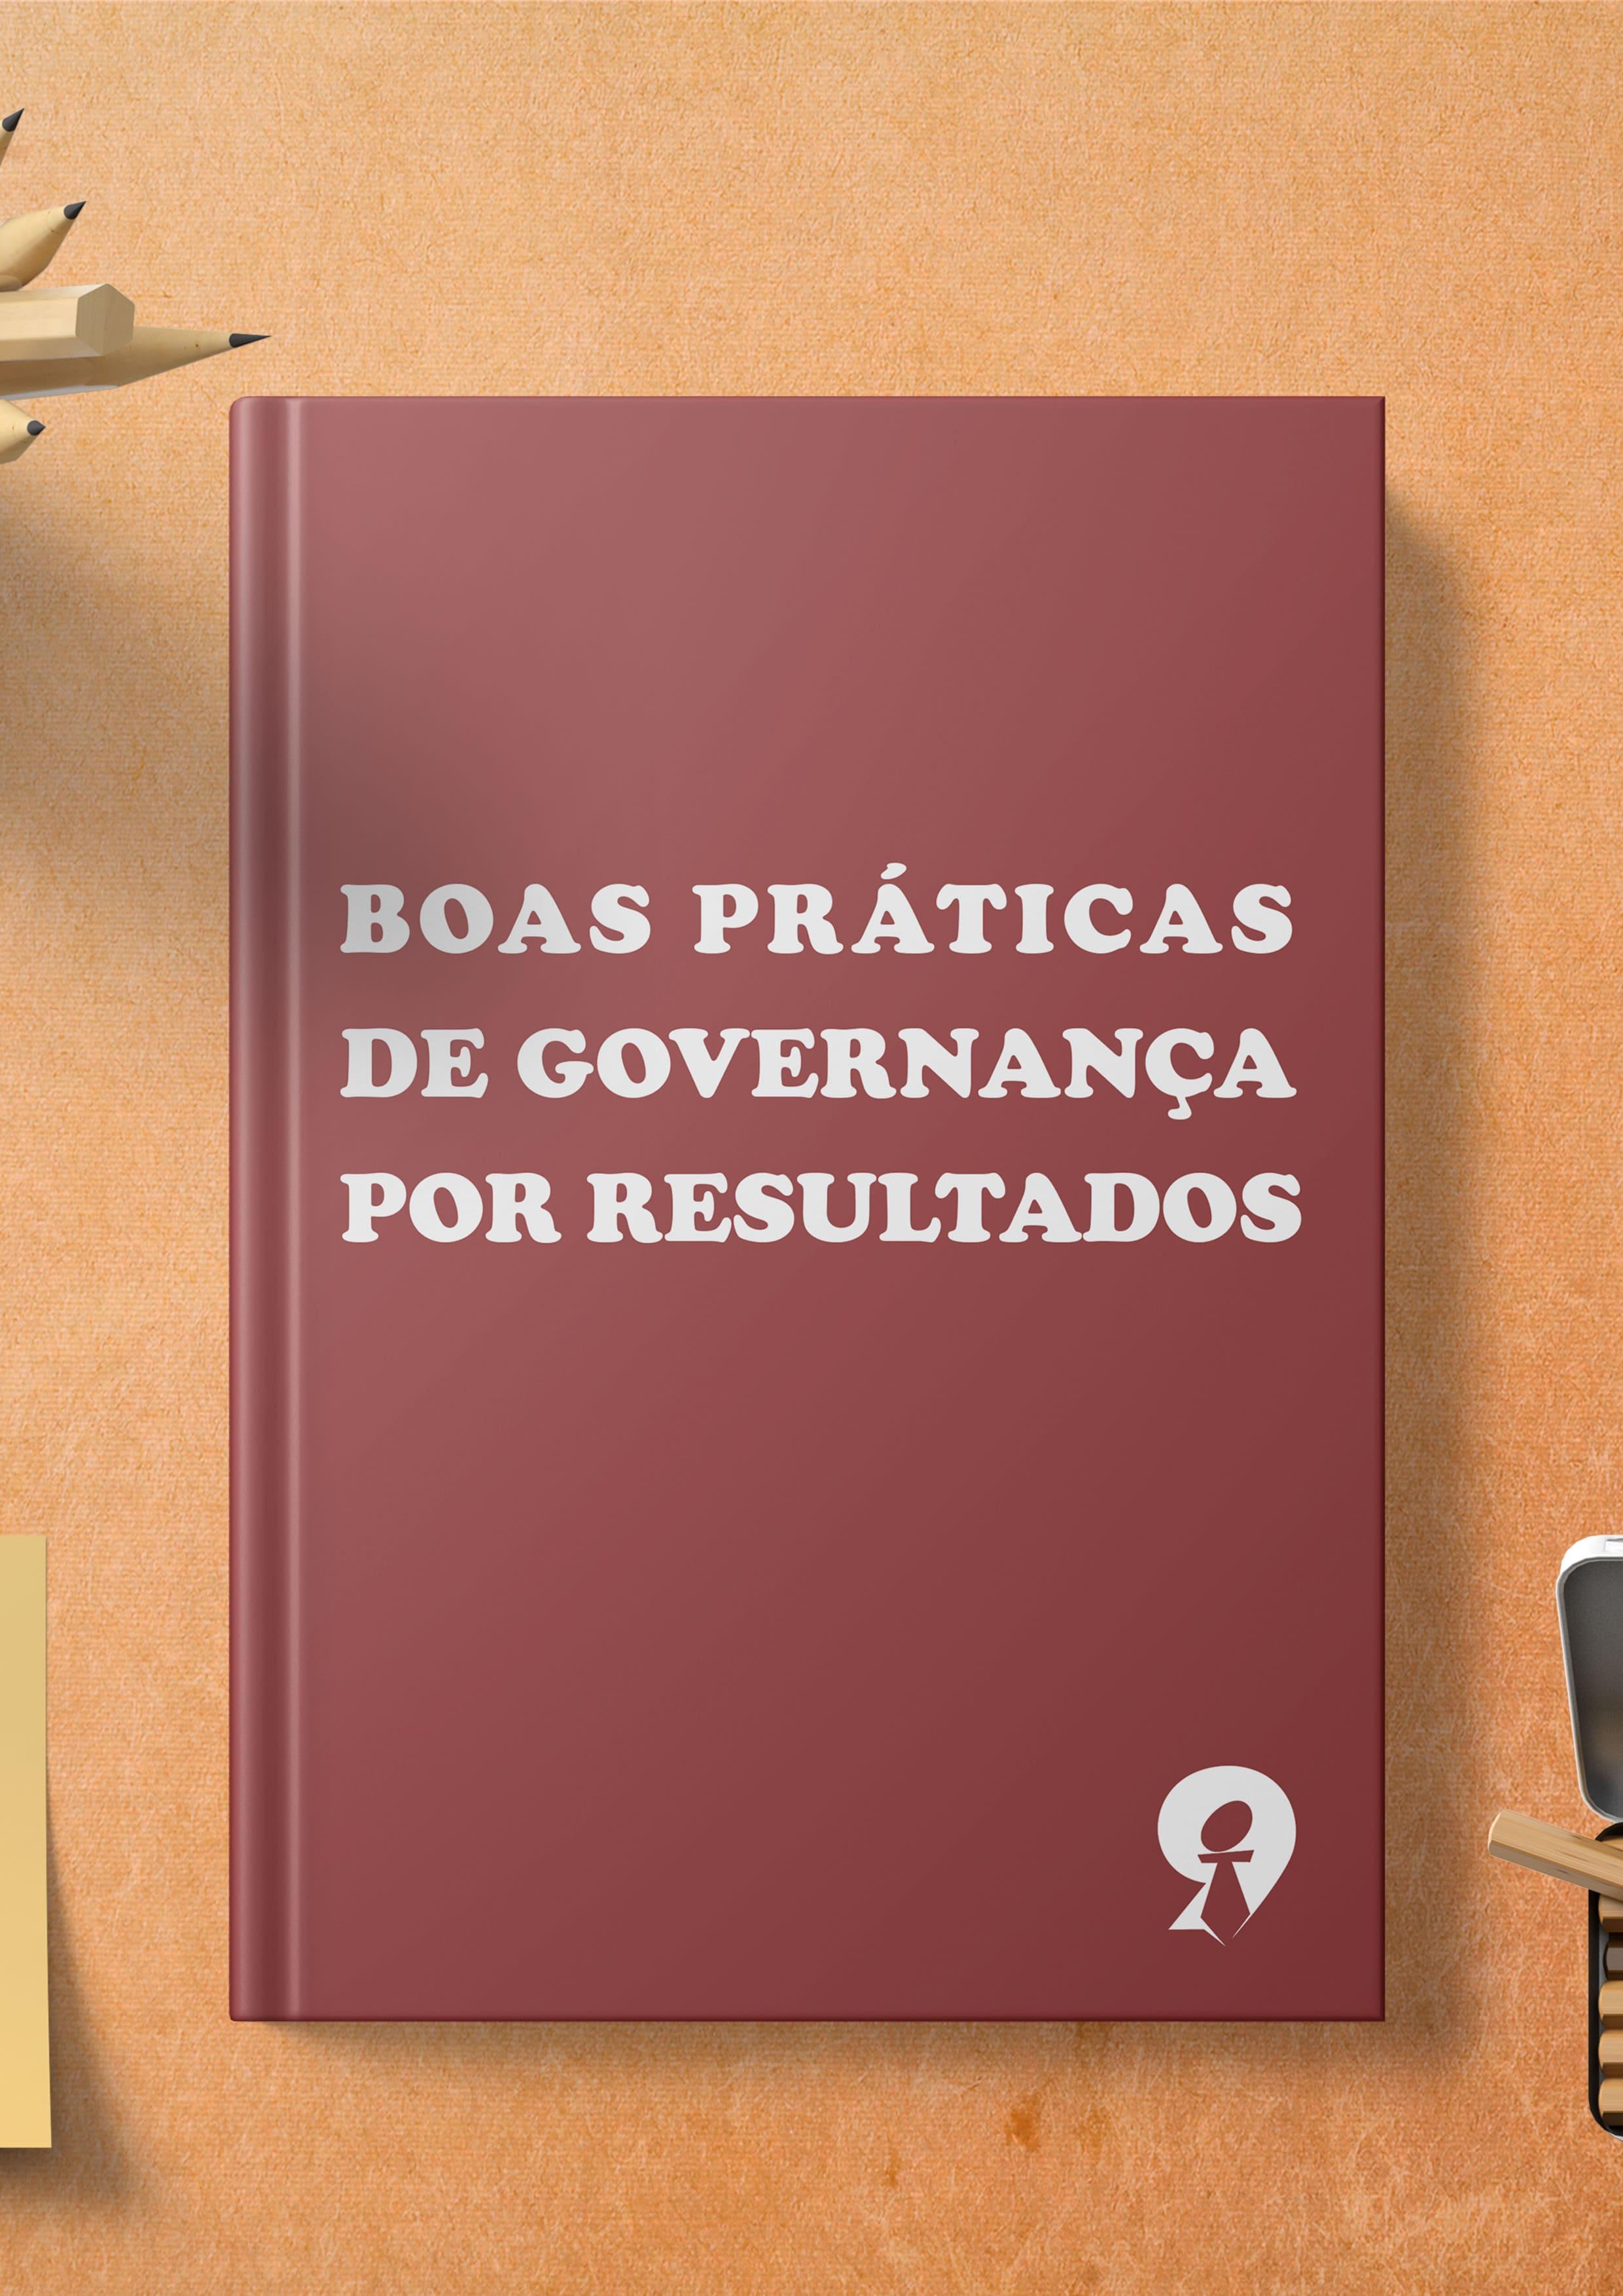 Boas Práticas de Governança por Resultados